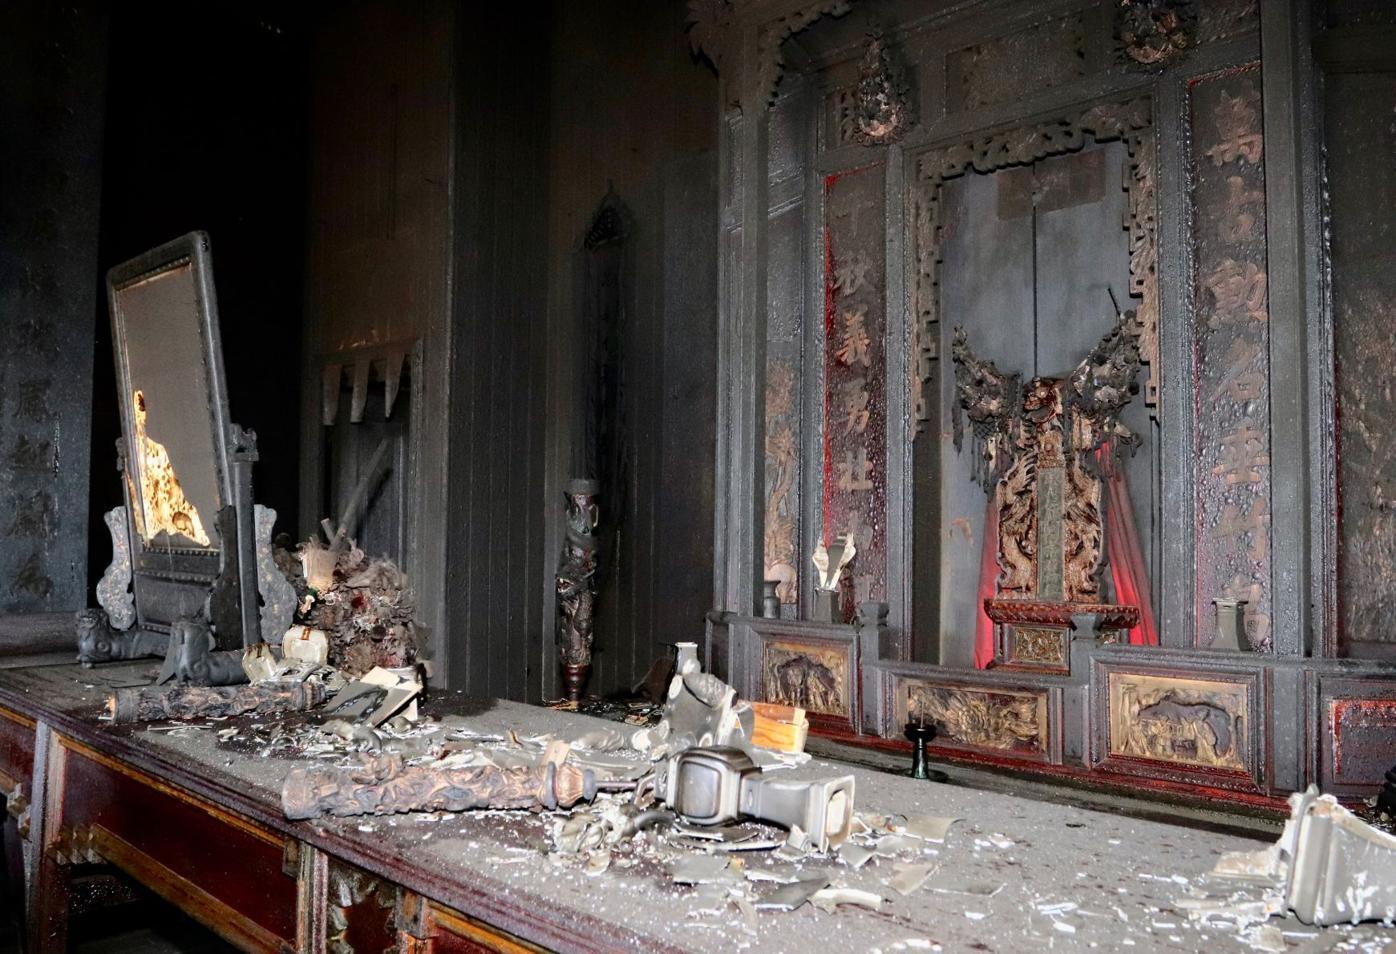 taoist temple fire damage